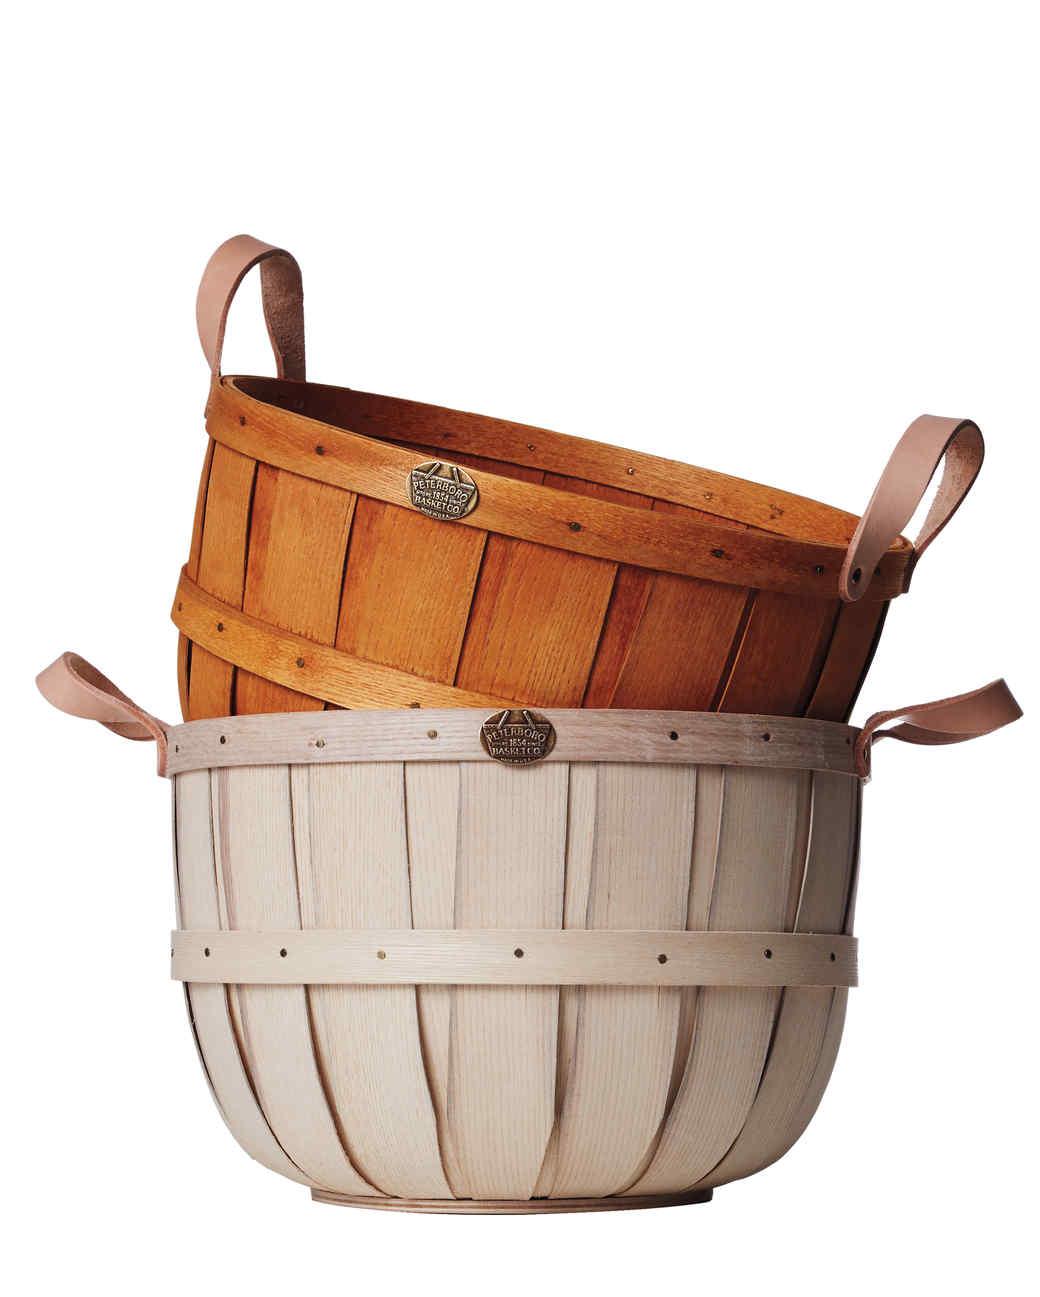 peterboro-wood-baskets-198-d112186.jpg